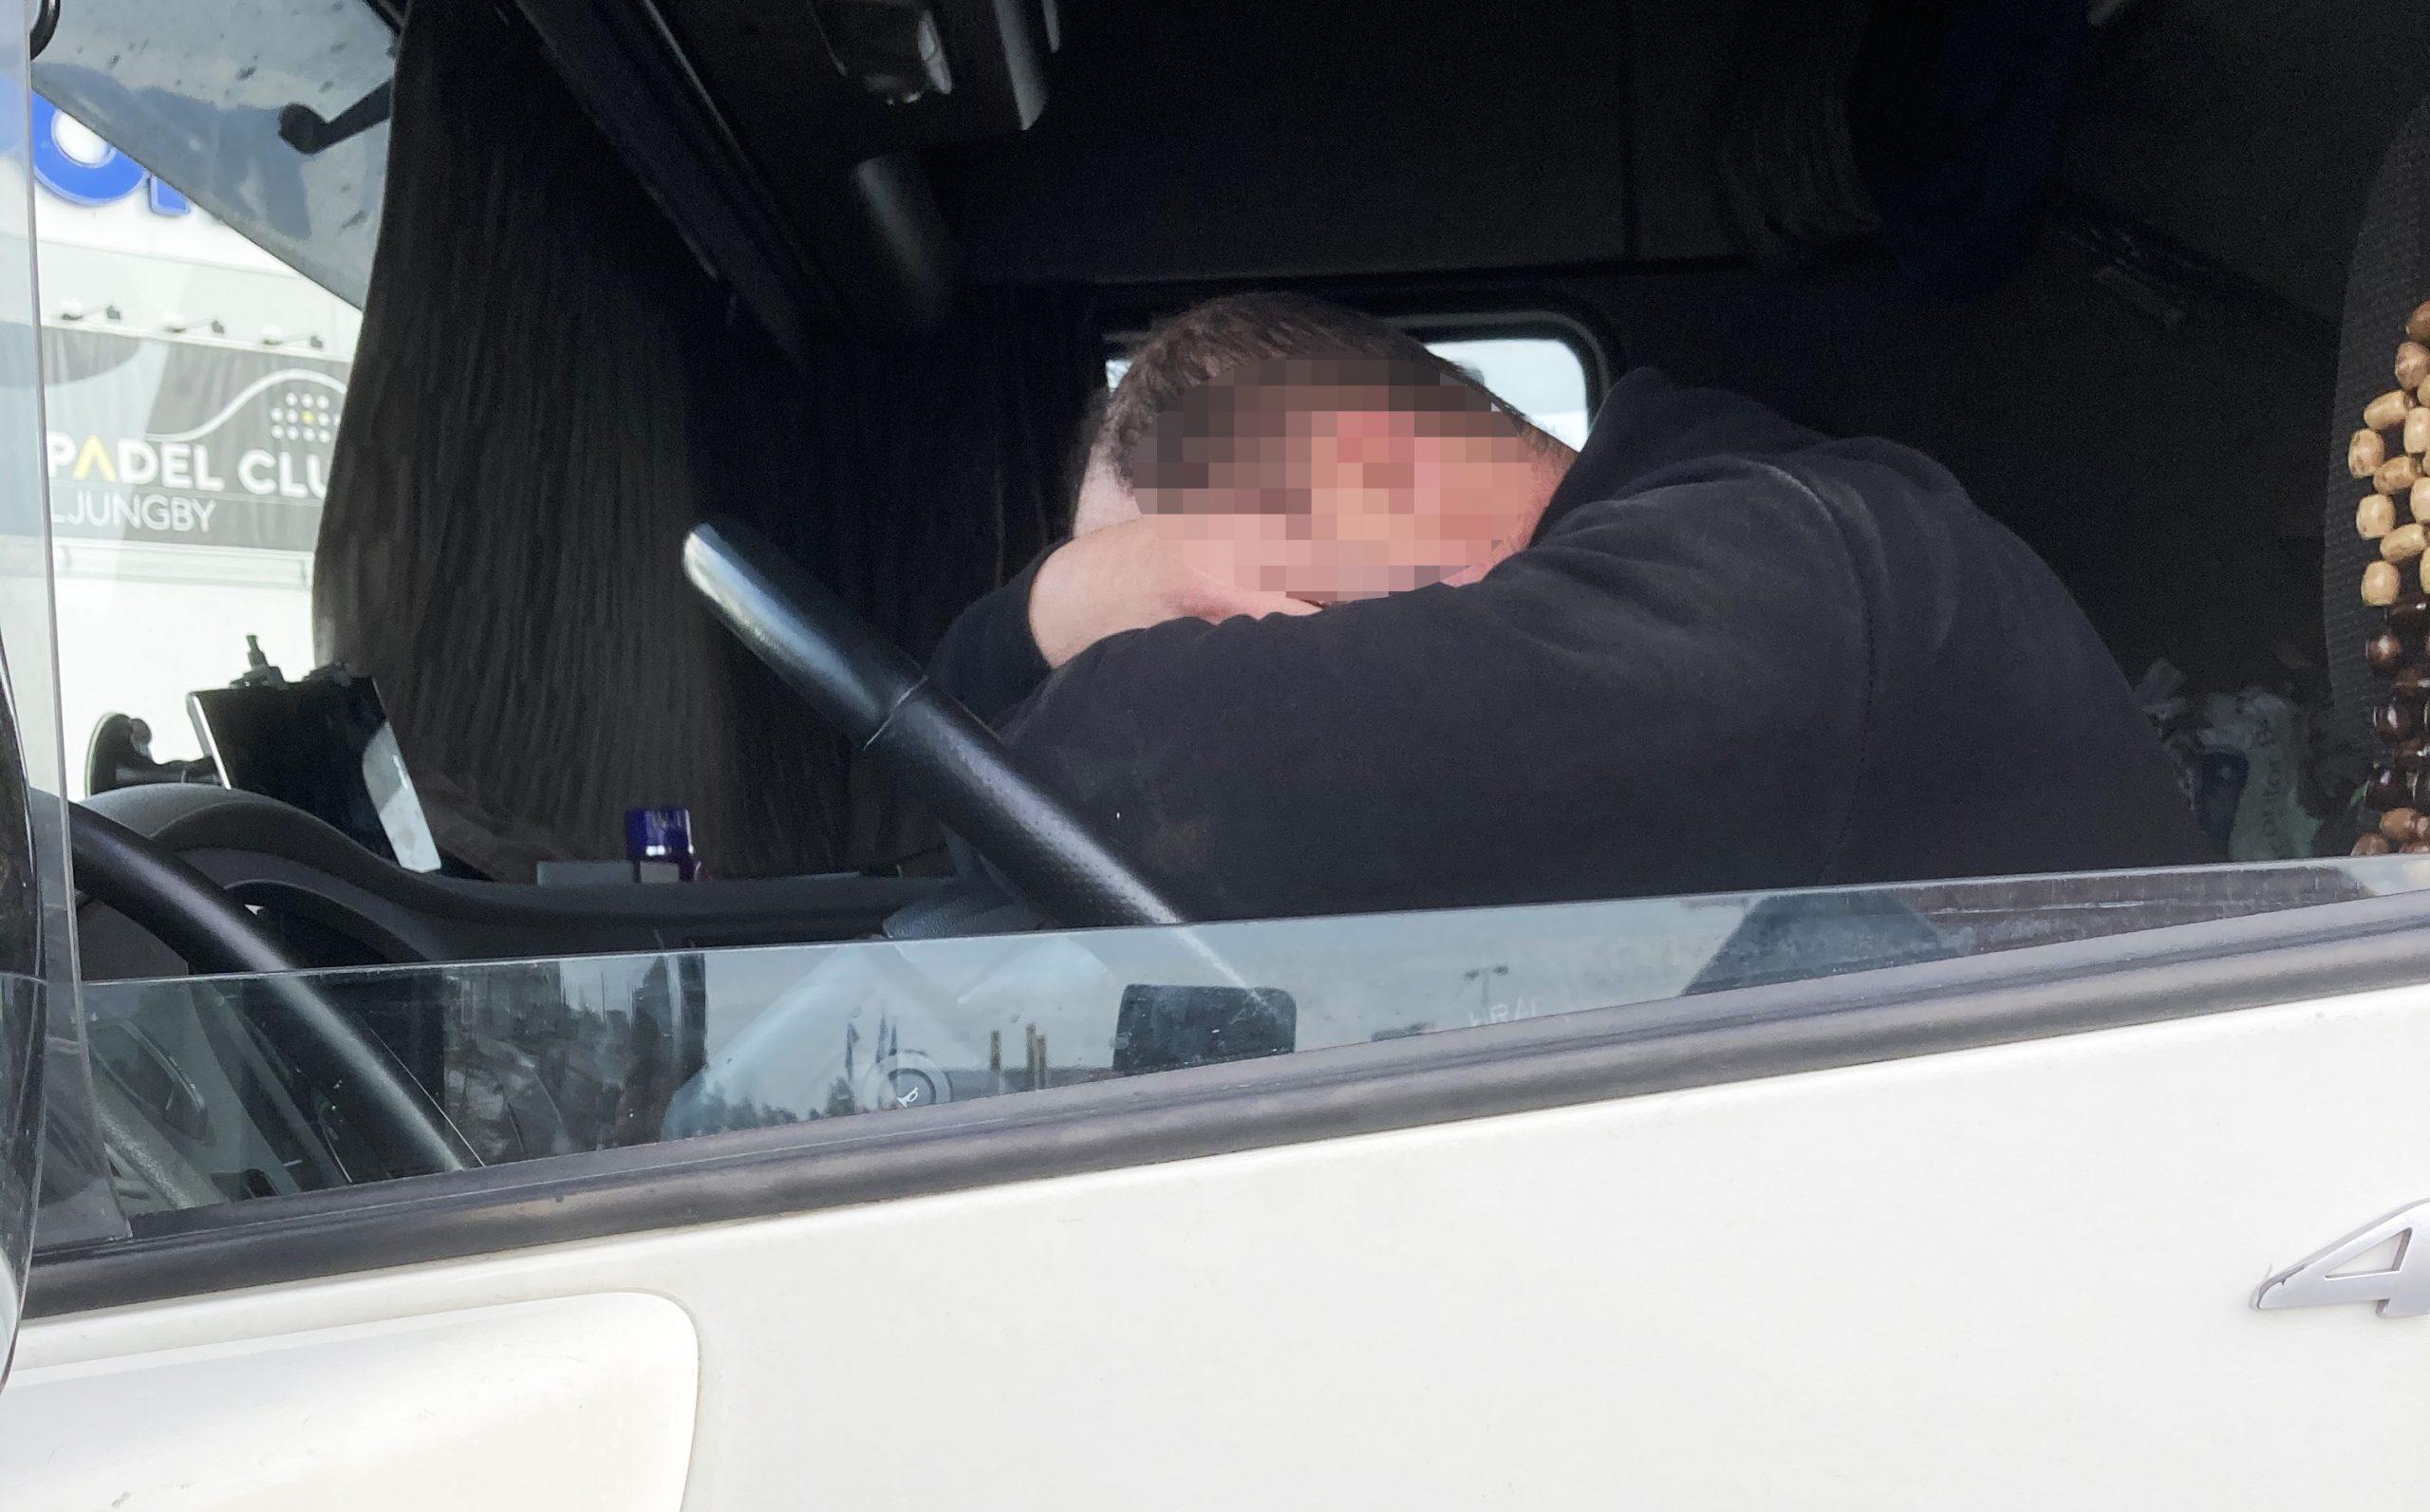 Vittnen upplevde förarens tillstånd vara sådant att fordonsnycklarna behövde tas omhand.